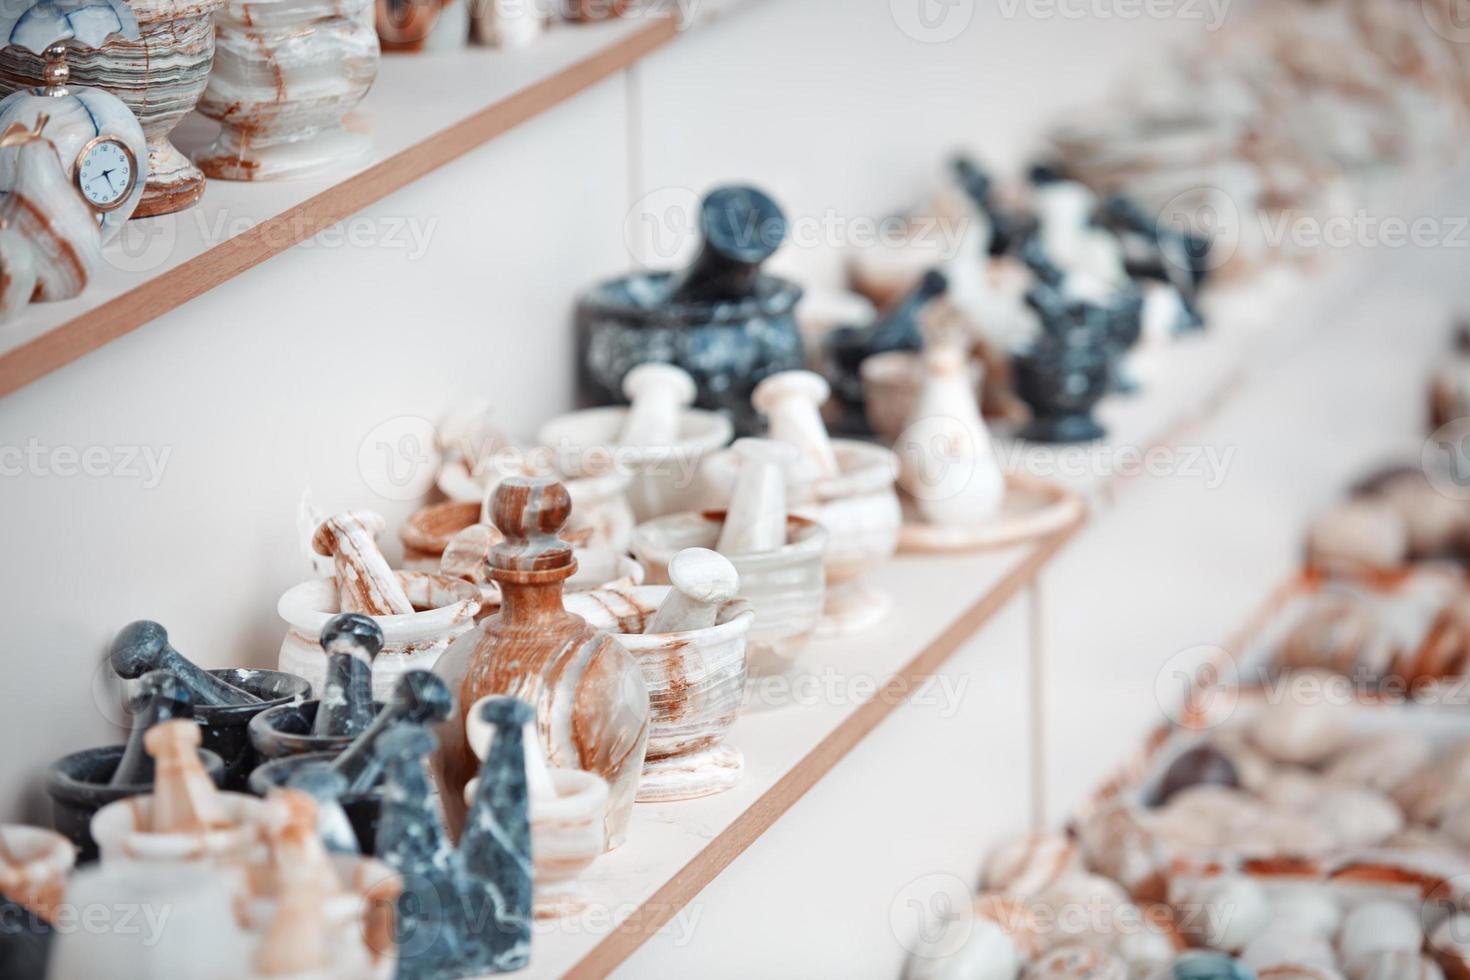 oggetti fatti a mano in onice foto